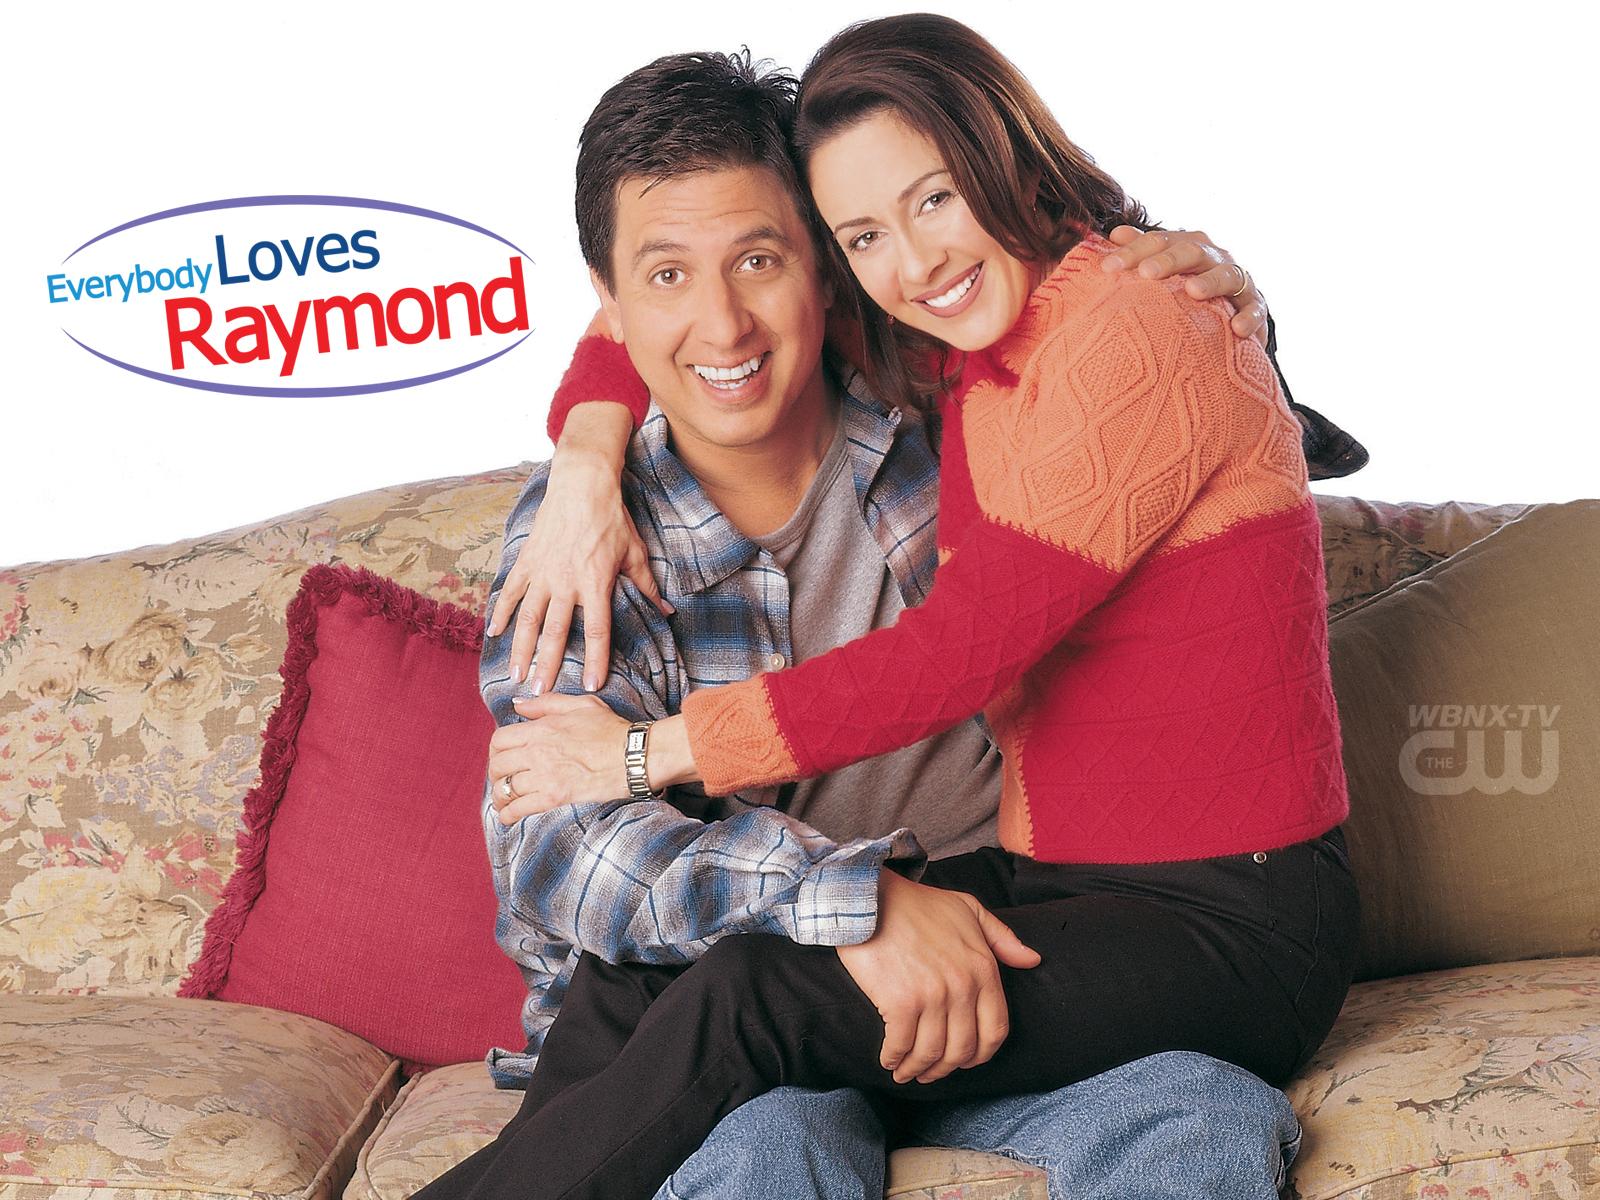 debra everybody loves raymond - photo #34